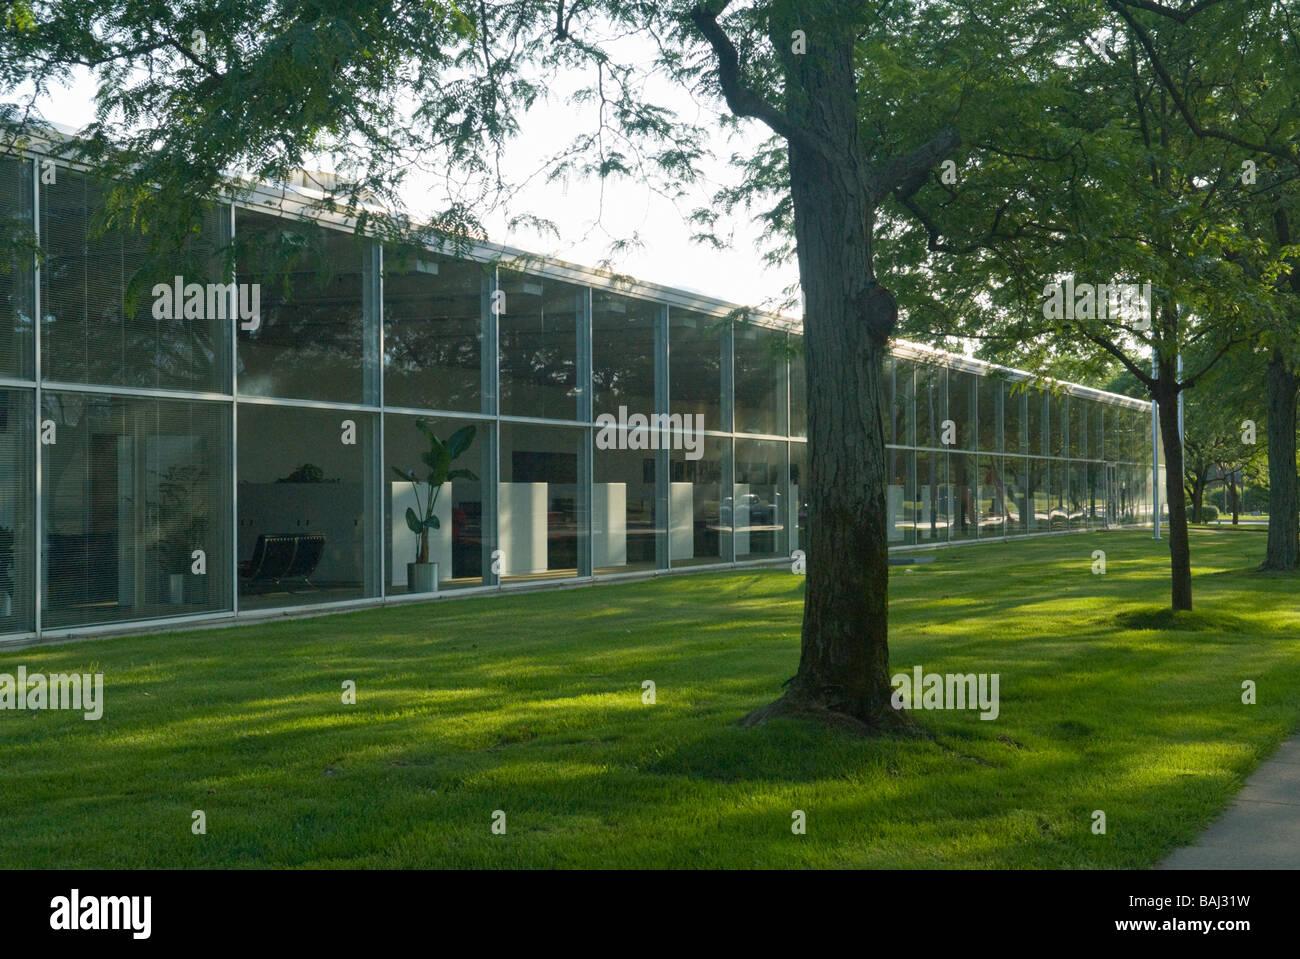 Architektur Zeitung | Columbus Indiana Architektur Der Republik Zeitung Office 1971 Von